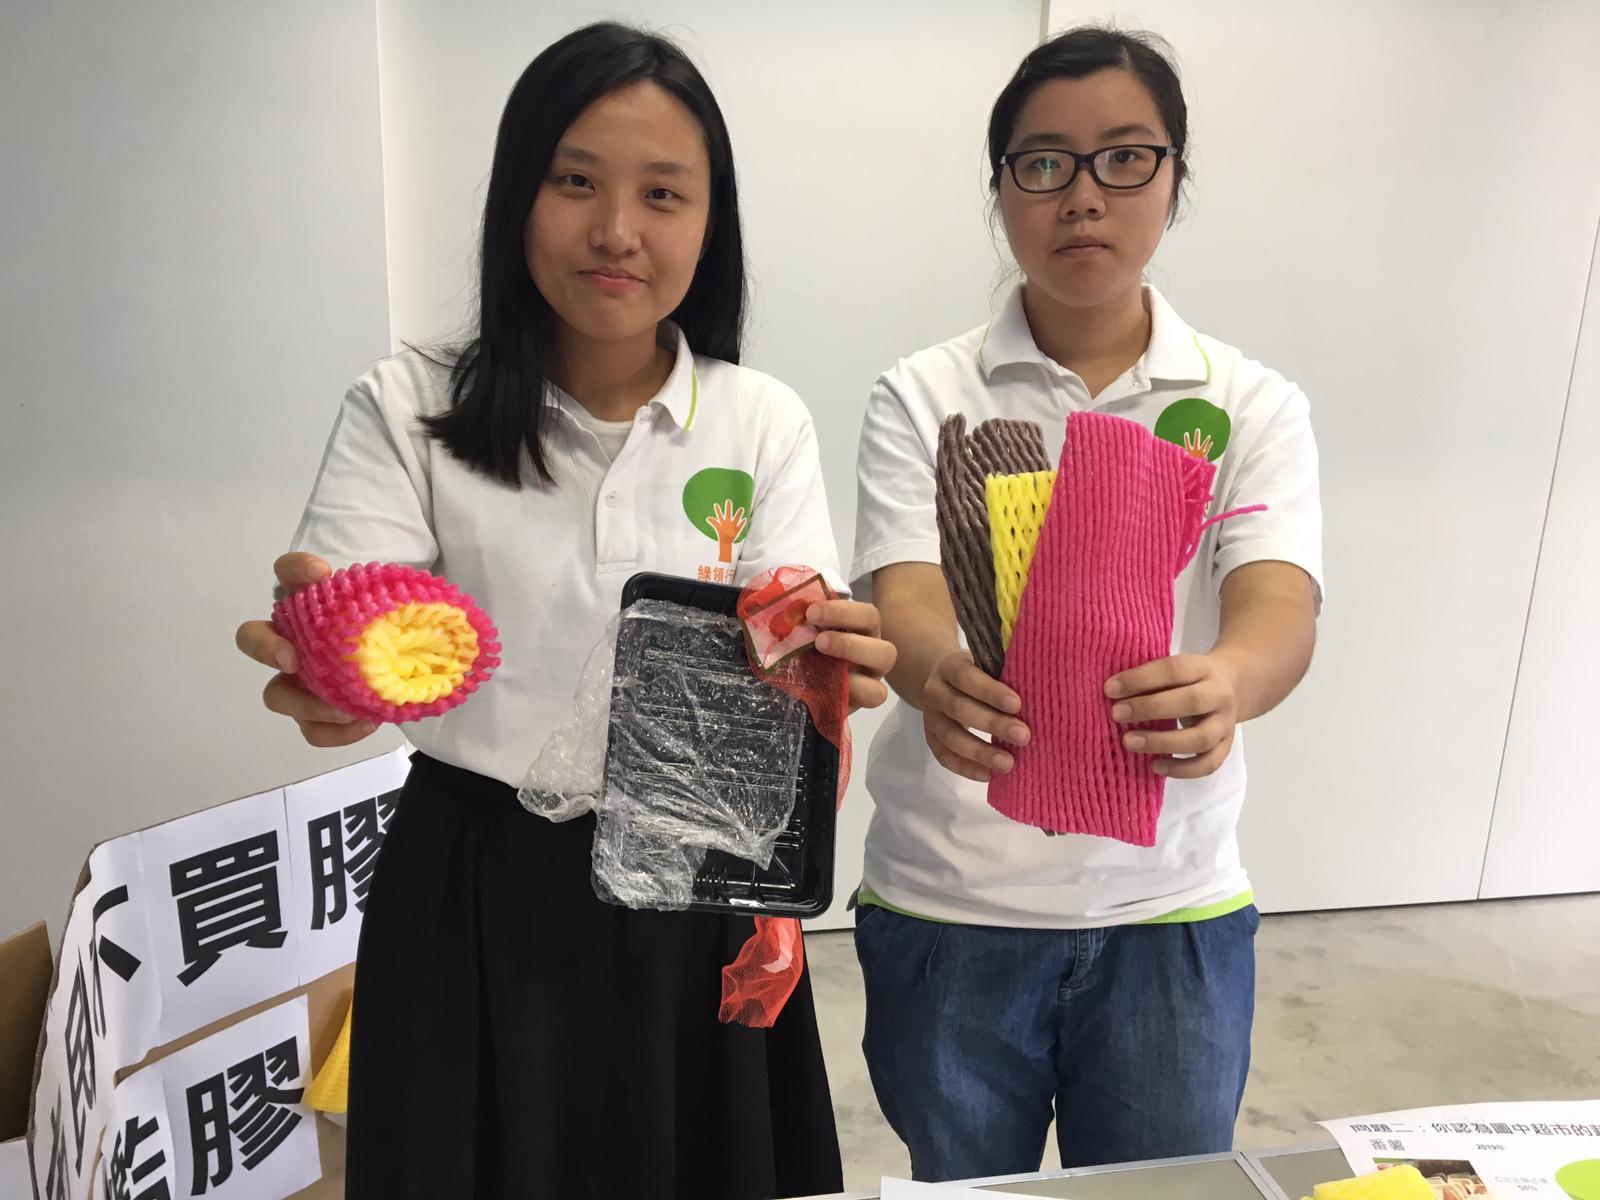 綠領行動認為超市應減少本地及即場包裝,設立無塑商品區。